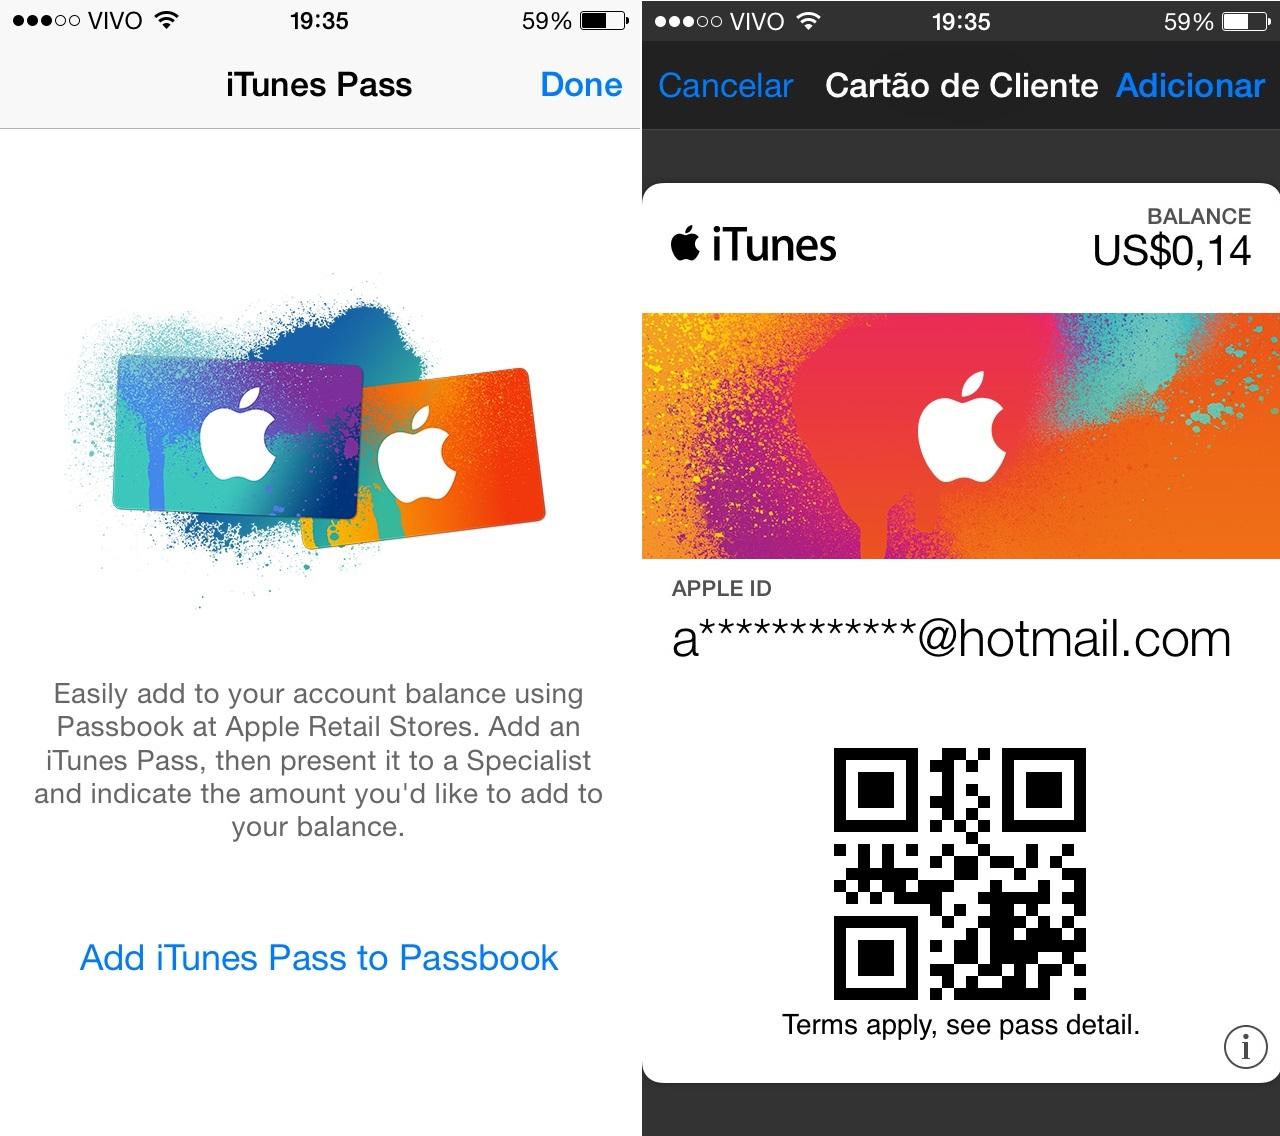 Ativar iTunes Pass